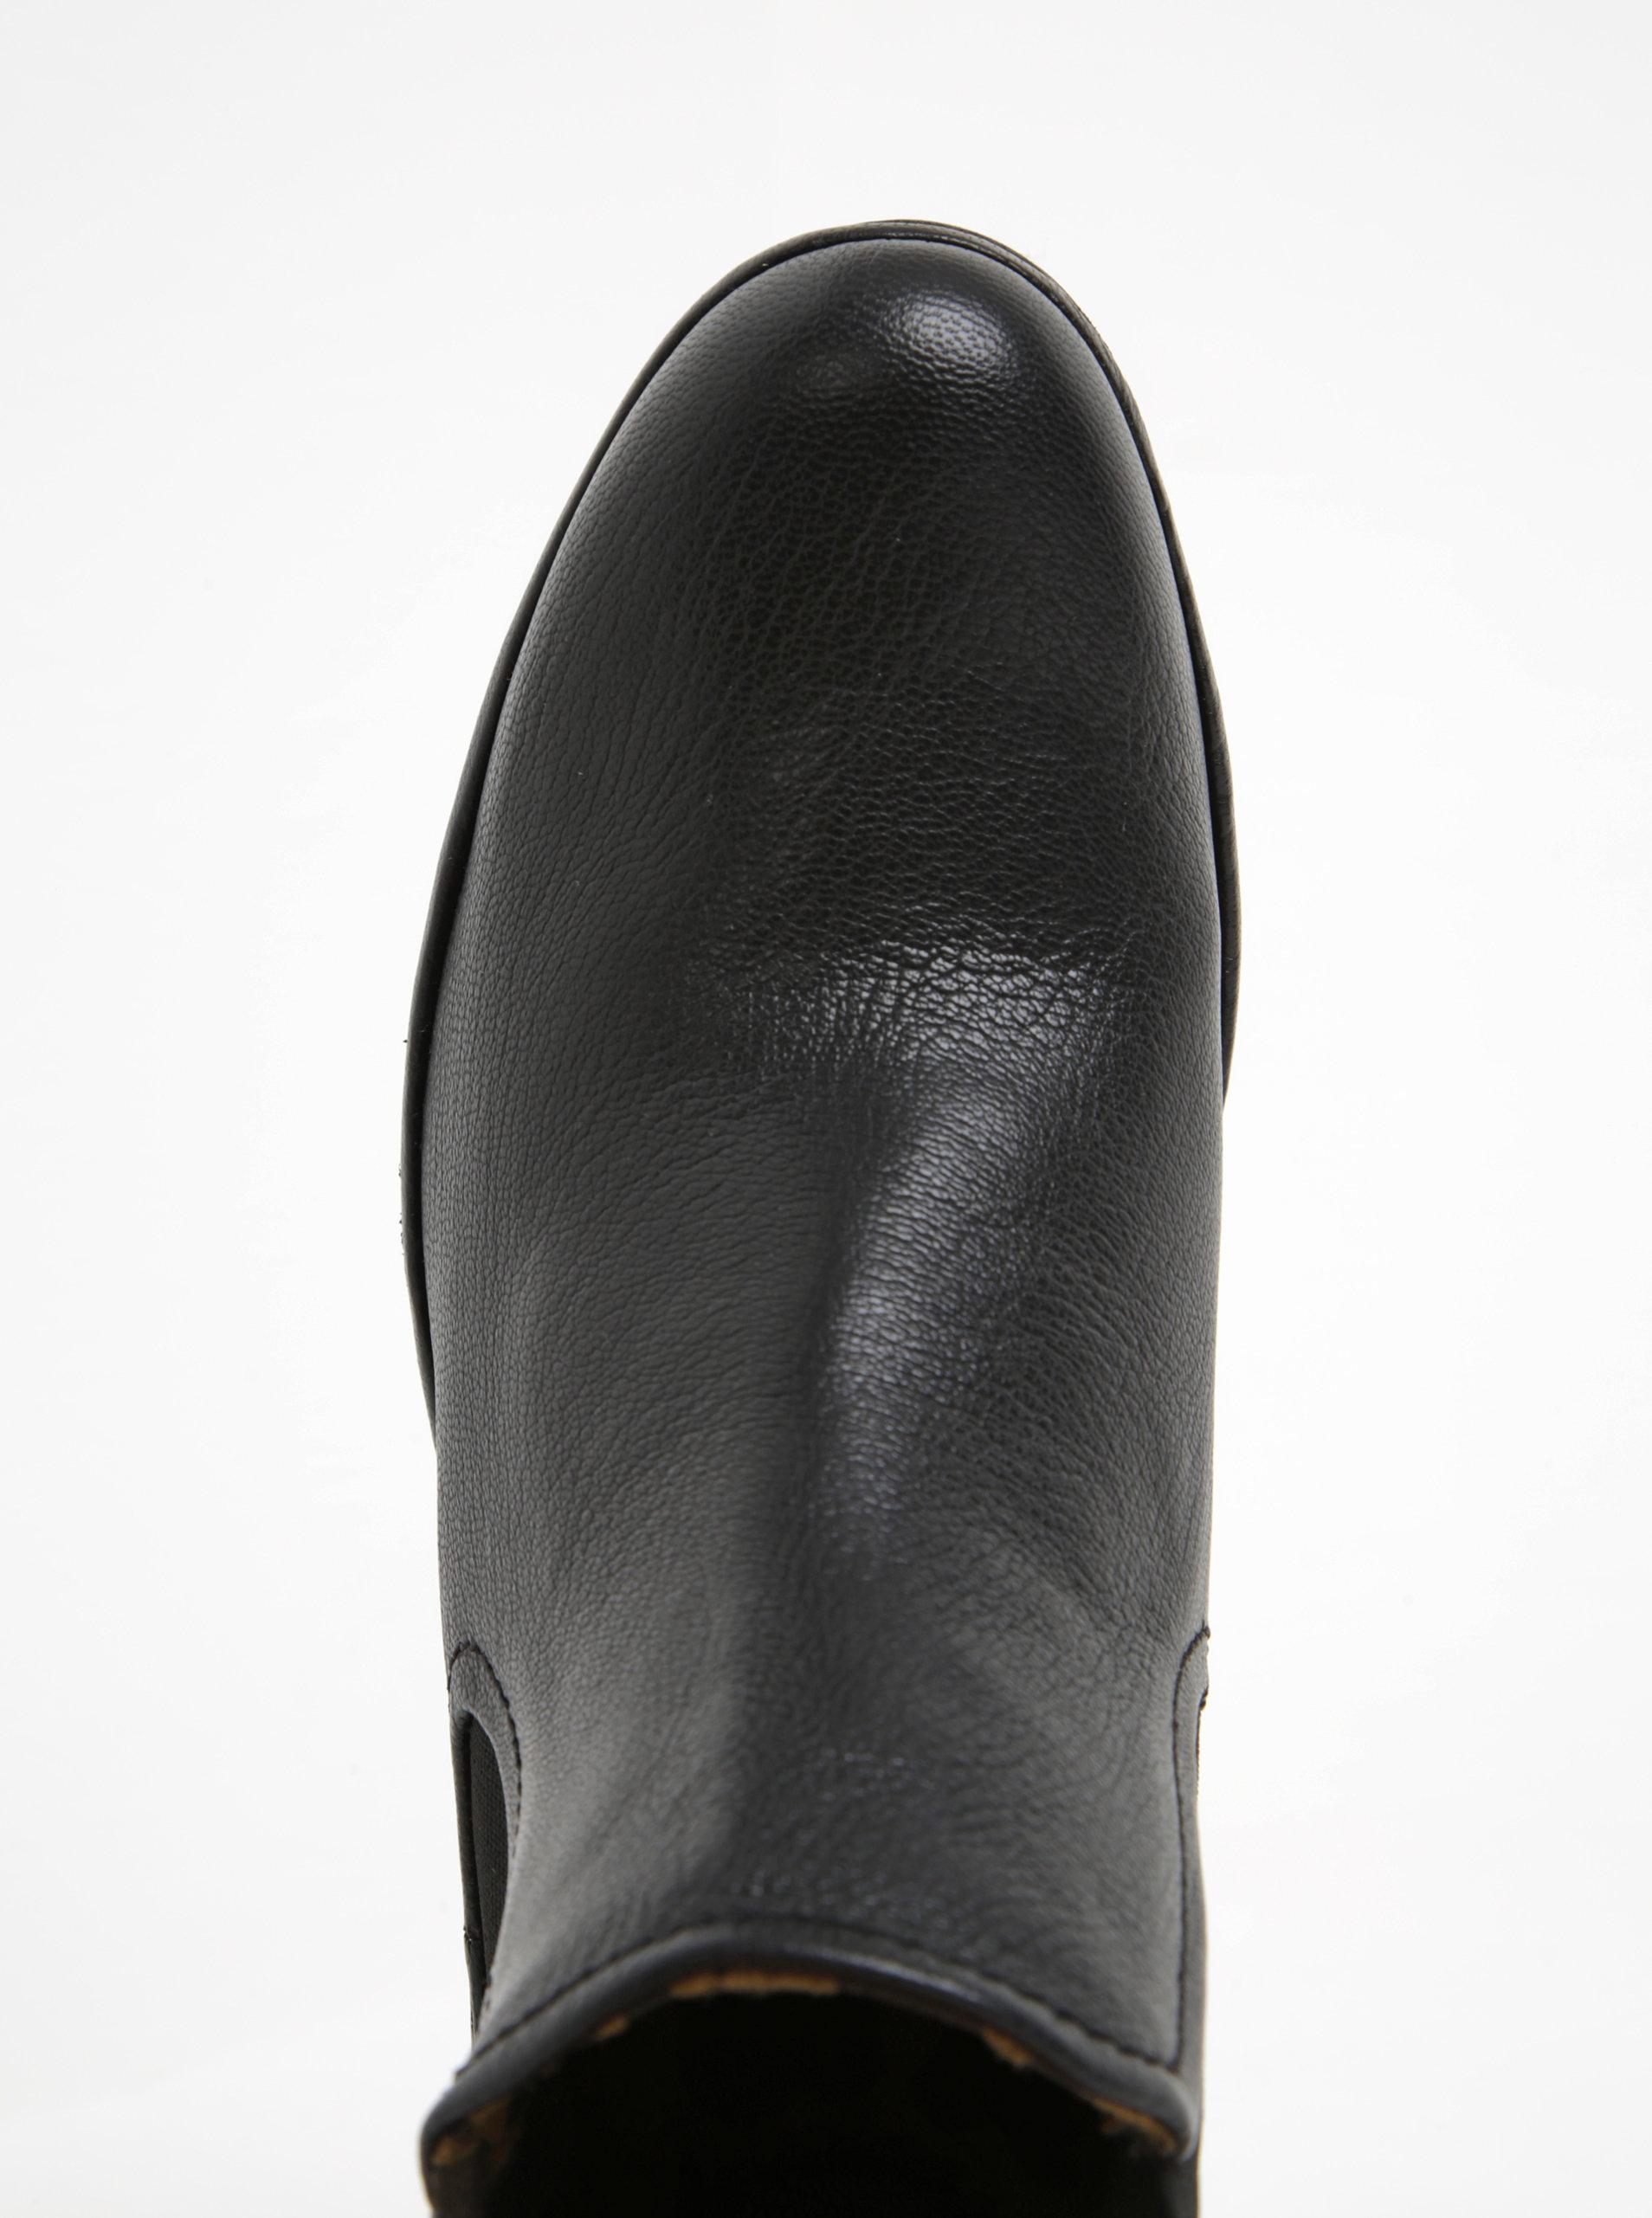 546d8bcaf827 Čierne dámske kožené chelsea topánky na platforme FLY London ...